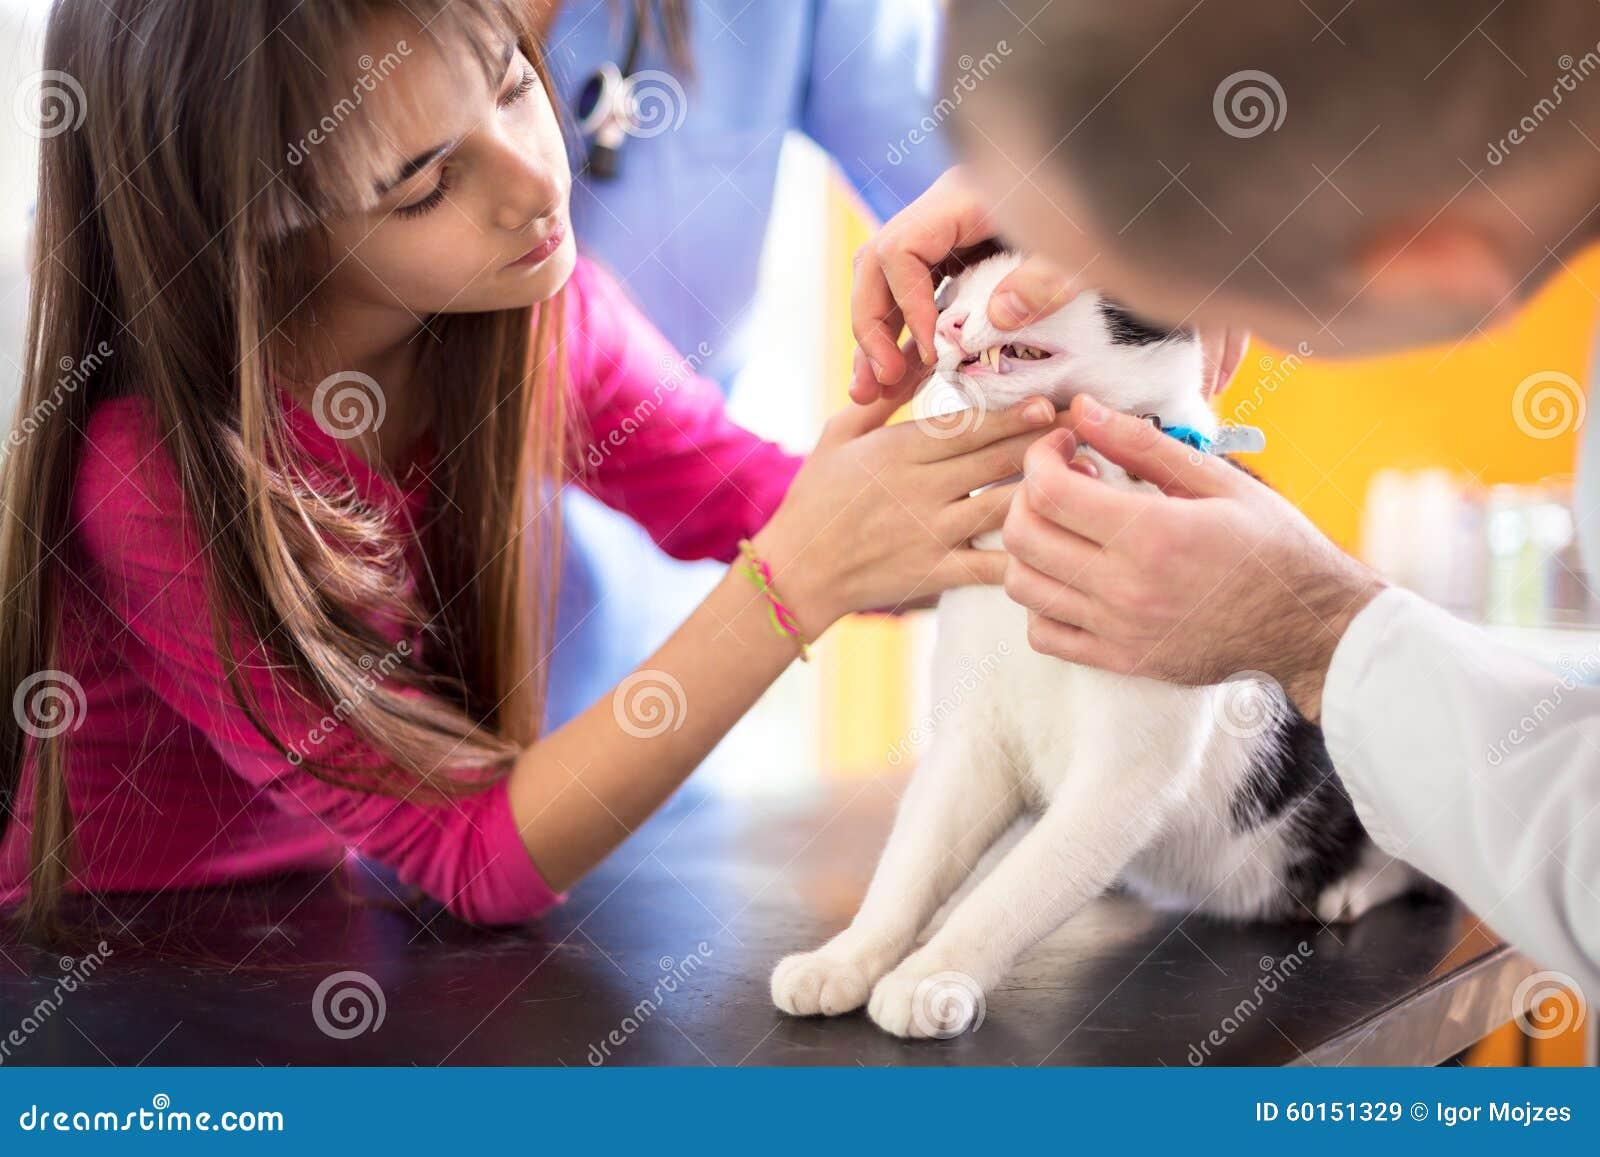 Ειδικός κτηνιάτρων που ελέγχει το στόμα και τα δόντια της γάτας στην κλινική κτηνιάτρων